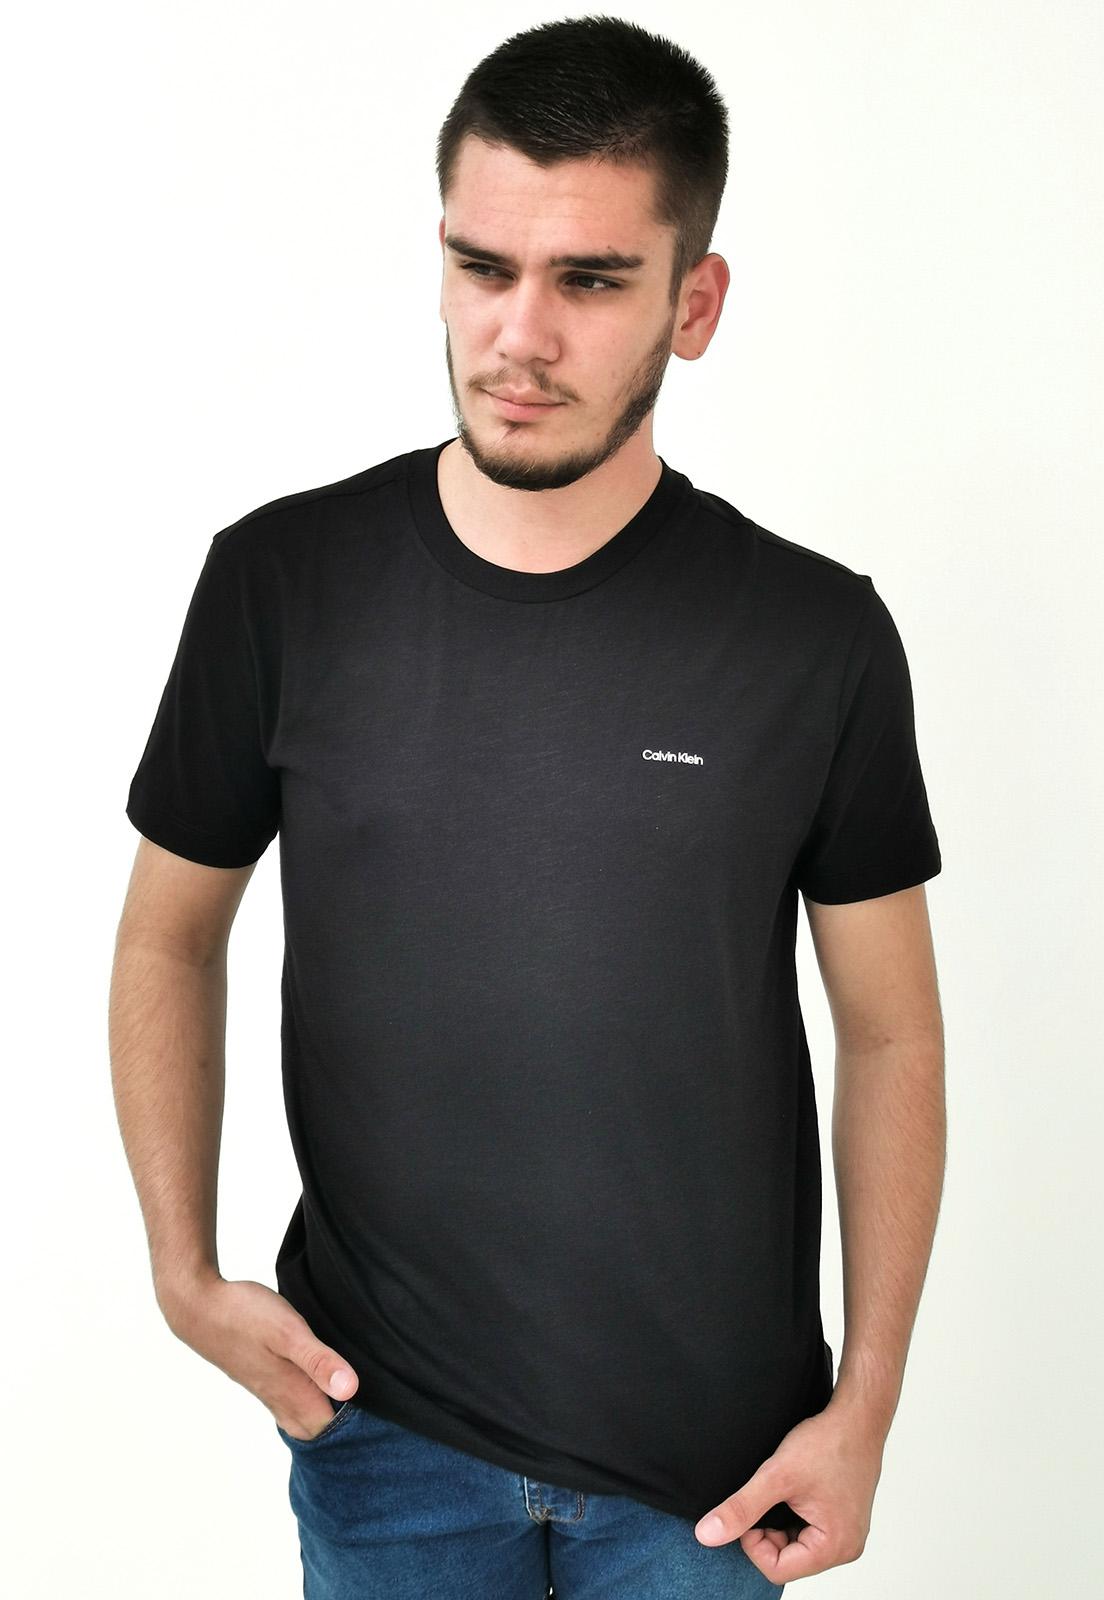 Camiseta Calvin Klein Básica Preto